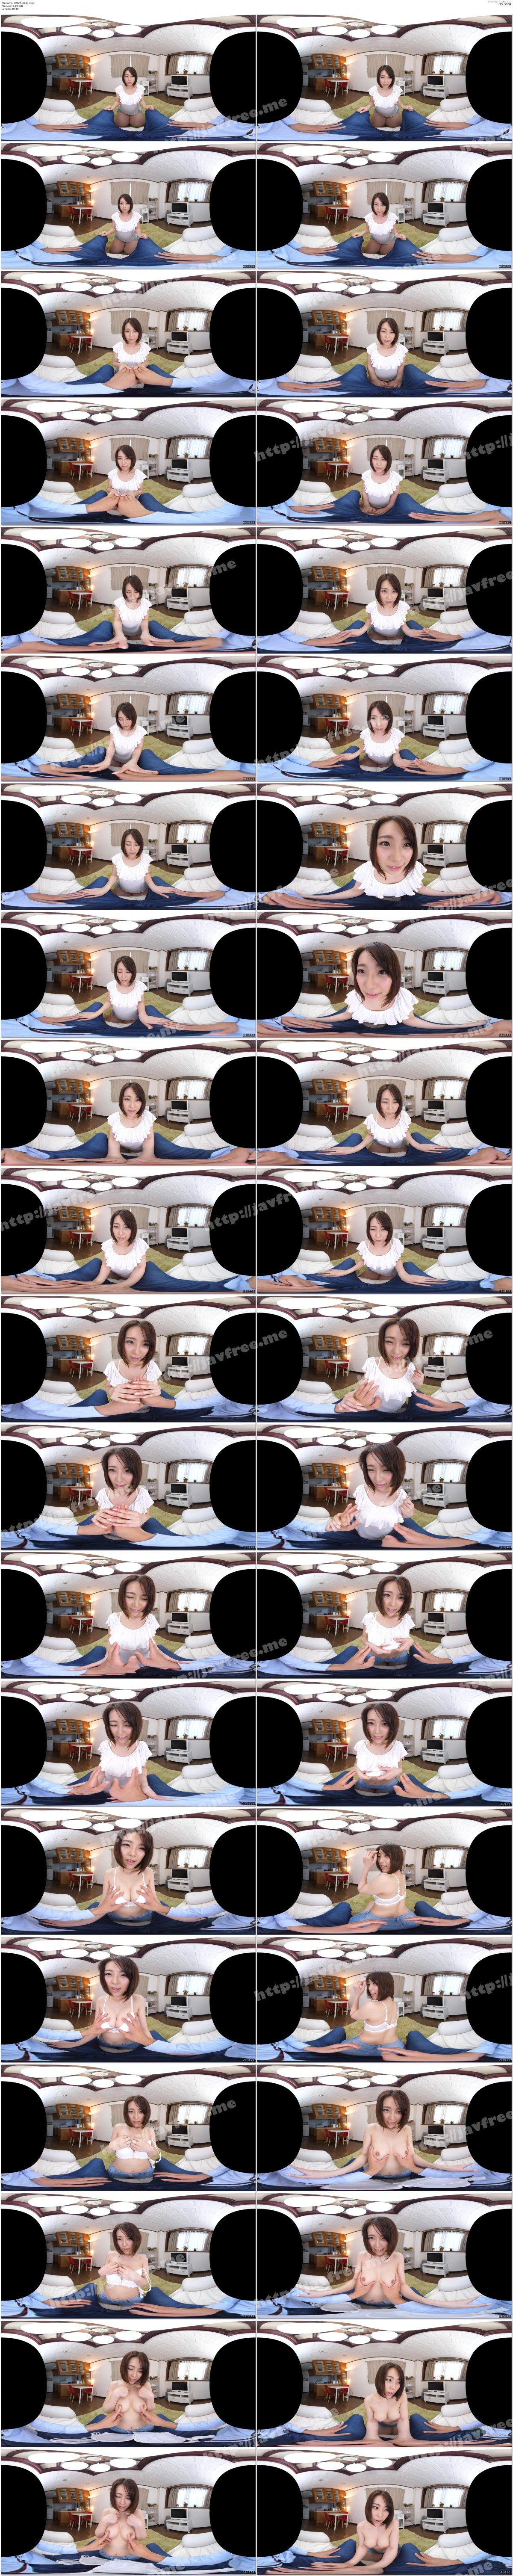 [KMVR-424] 【VR】リアル性教育!!3D VRだから童貞でもセックスが楽しめる! !八乃つばさ【リアル映像】